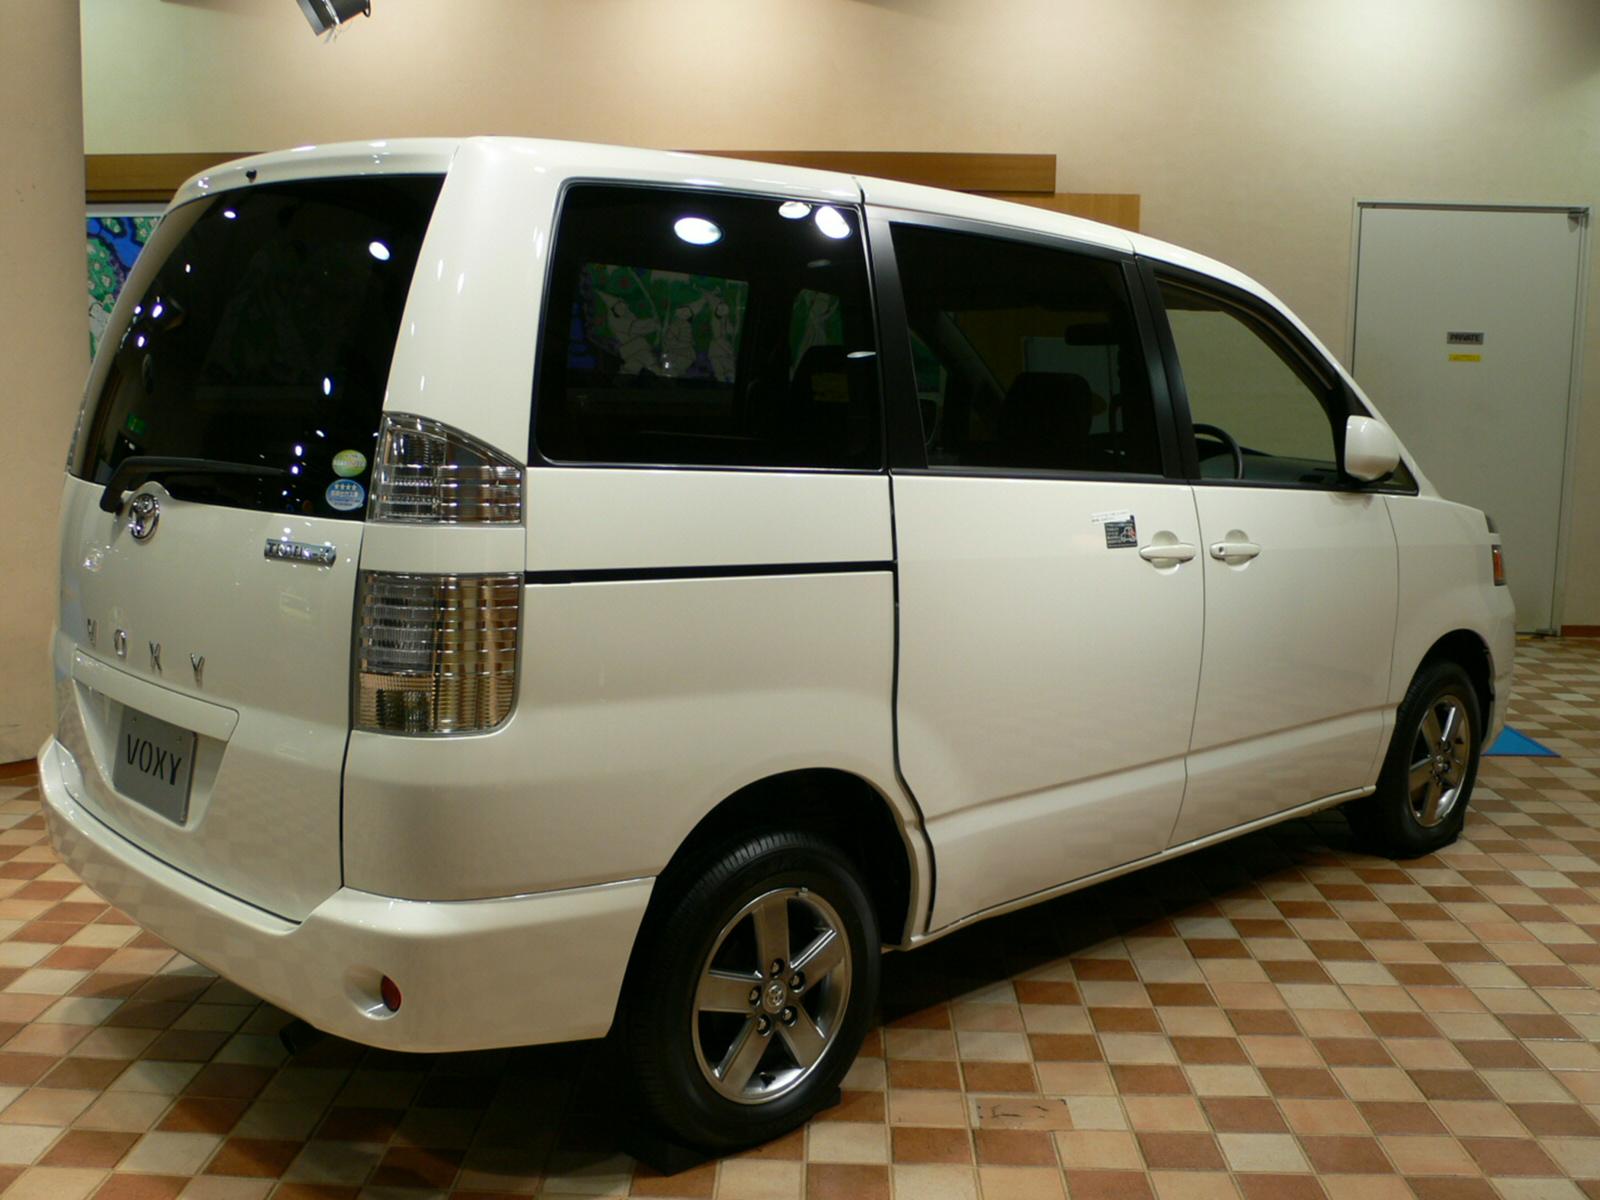 File:Toyota Voxy 02.jpg